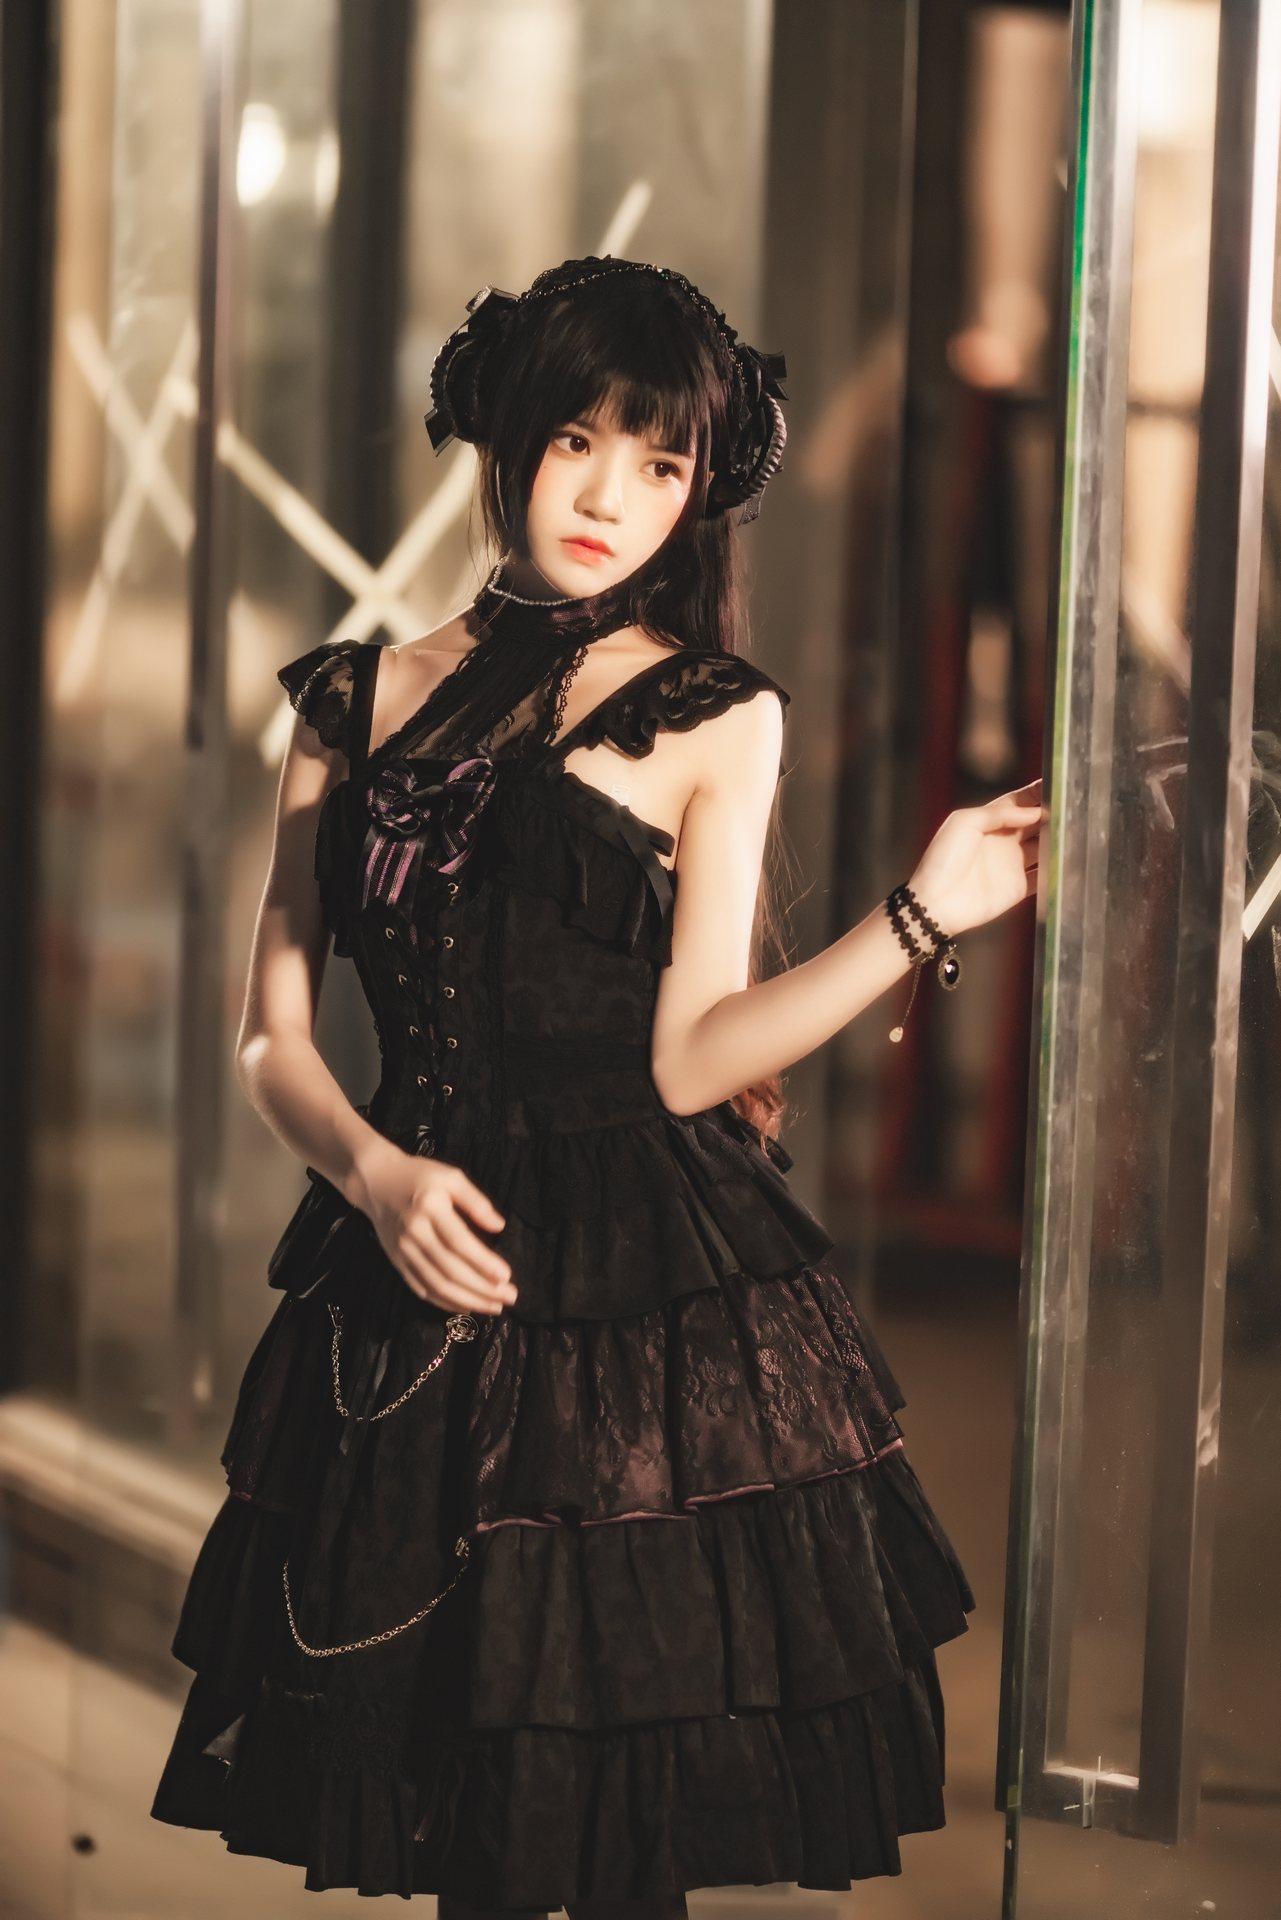 高颜值coser@桜桃喵 – 少女写真×4